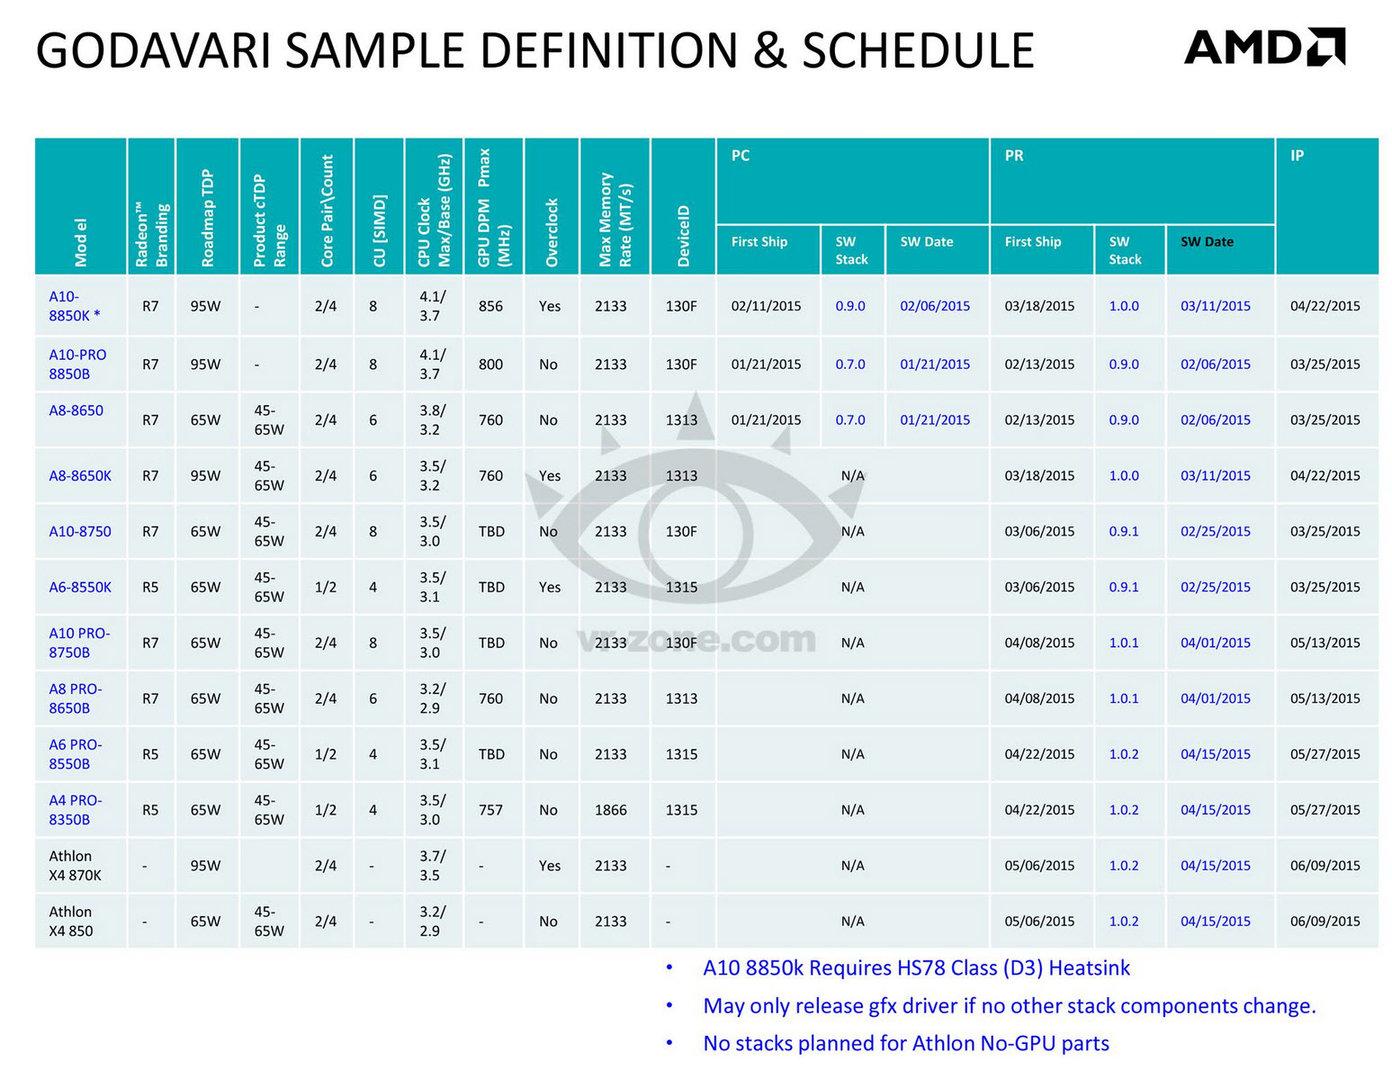 AMD Godavari als Kaveri Refresh mit 12 Modellen